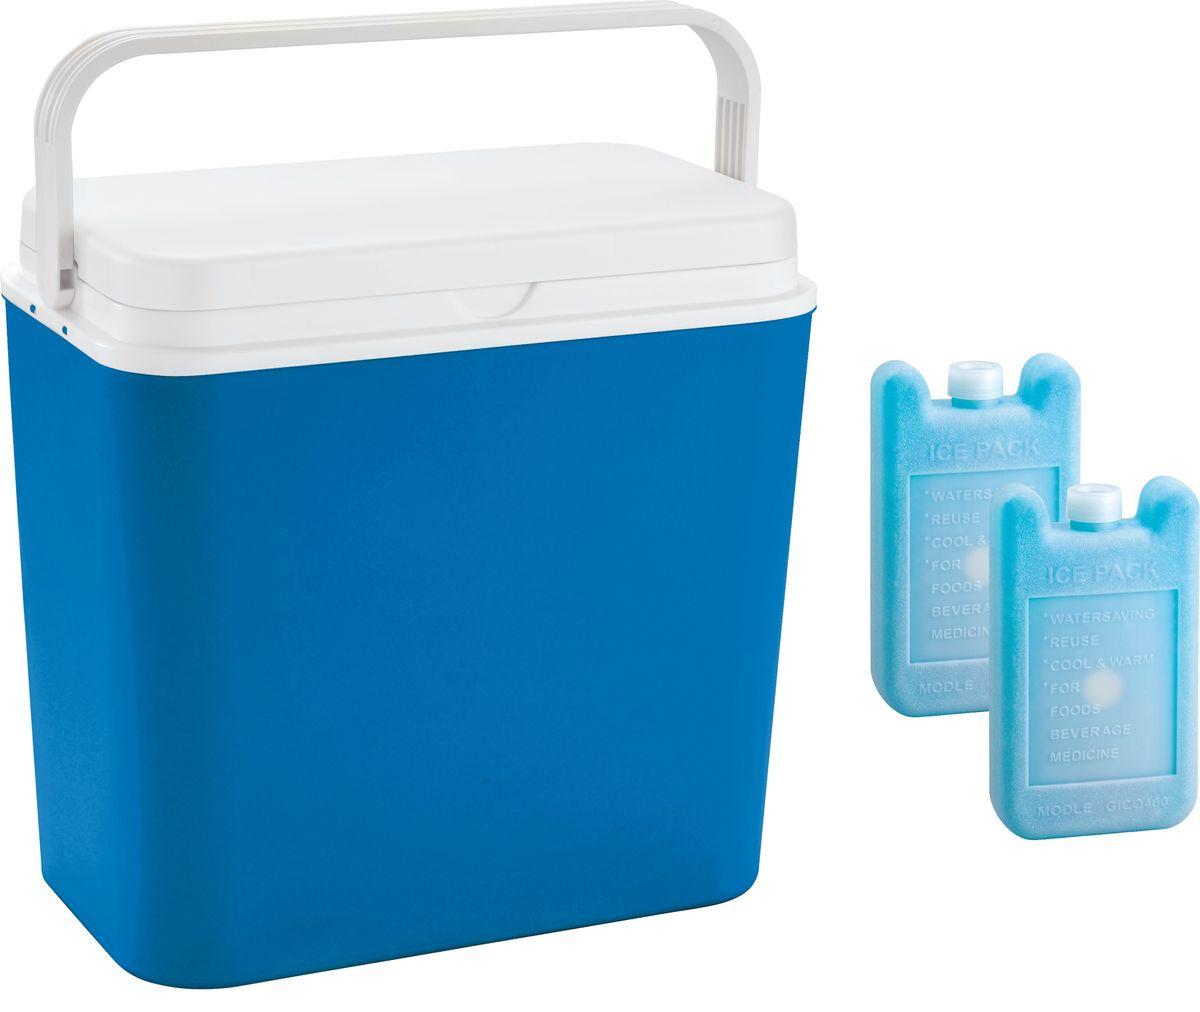 Контейнер изотермический Atlantic Cool Box, цвет: синий, 24 л + аккумулятор холода, 2 х 400 г3702Легкий и прочный изотермический контейнер Atlantic Cool Box предназначен для сохранения определенной температуры продуктов во время длительных поездок. Корпус и крышка контейнера изготовлены из высококачественного пластика. Между двойными стенками находится термоизоляционный слой, который обеспечивает сохранение температуры. Крышку можно использовать в качестве столика или подноса. Ручка служит фиксатором крышки, которая закрывается очень плотно. К контейнеру прилагается два аккумулятора холода по 400 г каждый.При использовании аккумулятора холода контейнер обеспечивает сохранение продуктов холодными до 12 часов.Температурный режим эксплуатации: от -30°C до +60°C. Контейнер идеально подходит для отдыха на природе, пикников, туристических походов и путешествий.Объем контейнера: 24 л.Размер контейнера: 39 см х 38 см х22 см.